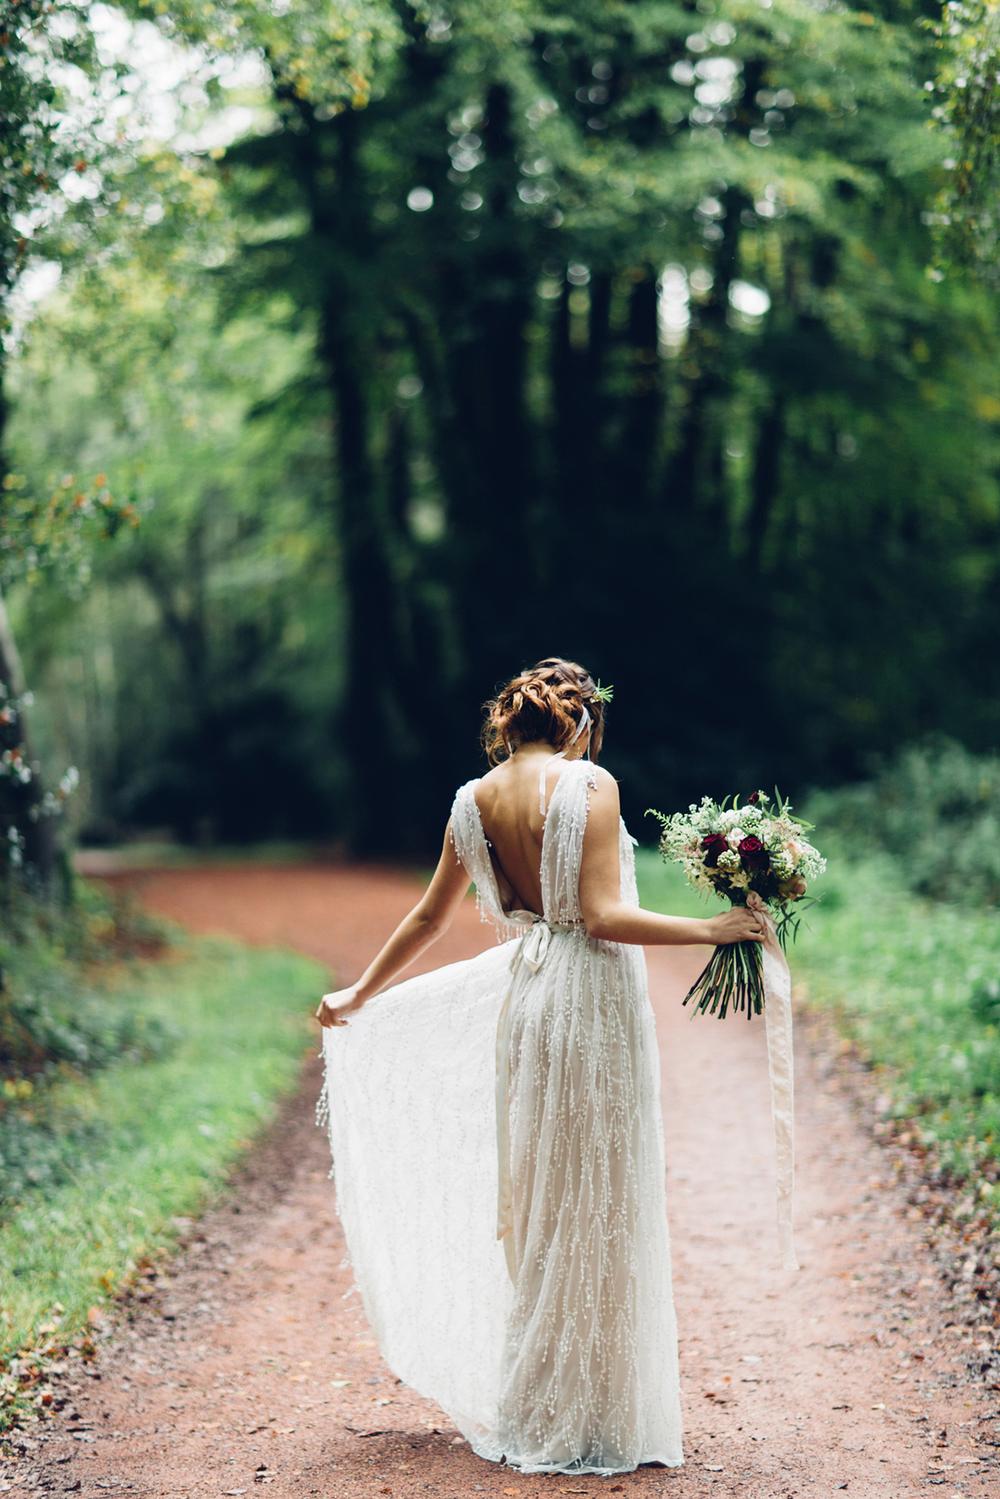 GenevieveChapman - KodakGold100-  www.missgen.com